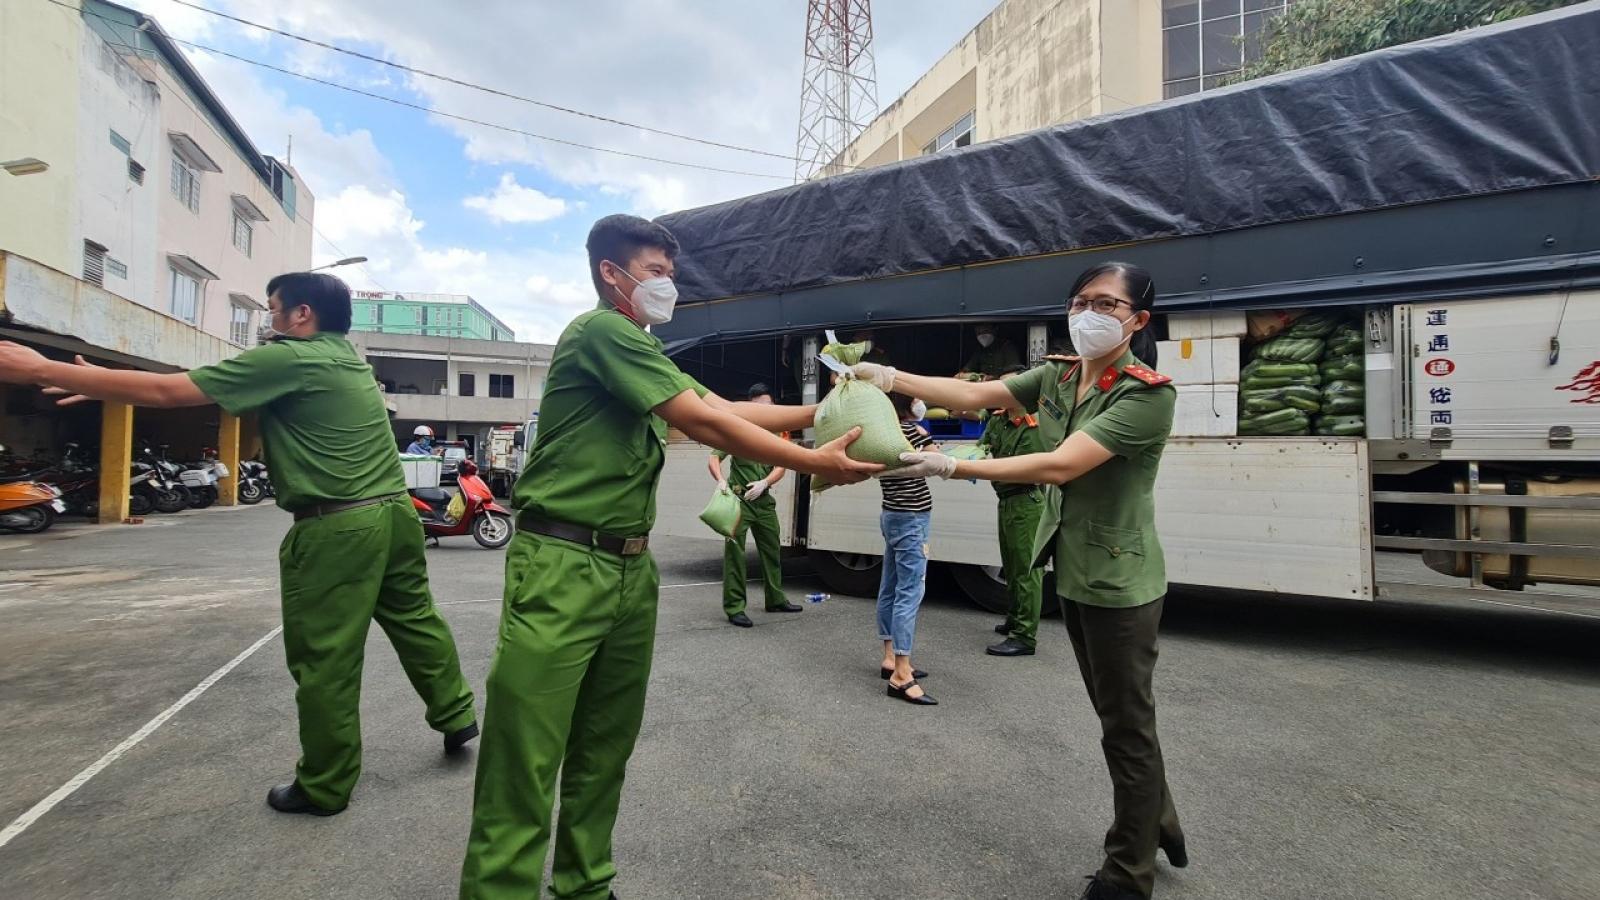 Công an Bình Phước tặng 10 tấn lương thực, thực phẩm hỗ trợ công an TP.HCM